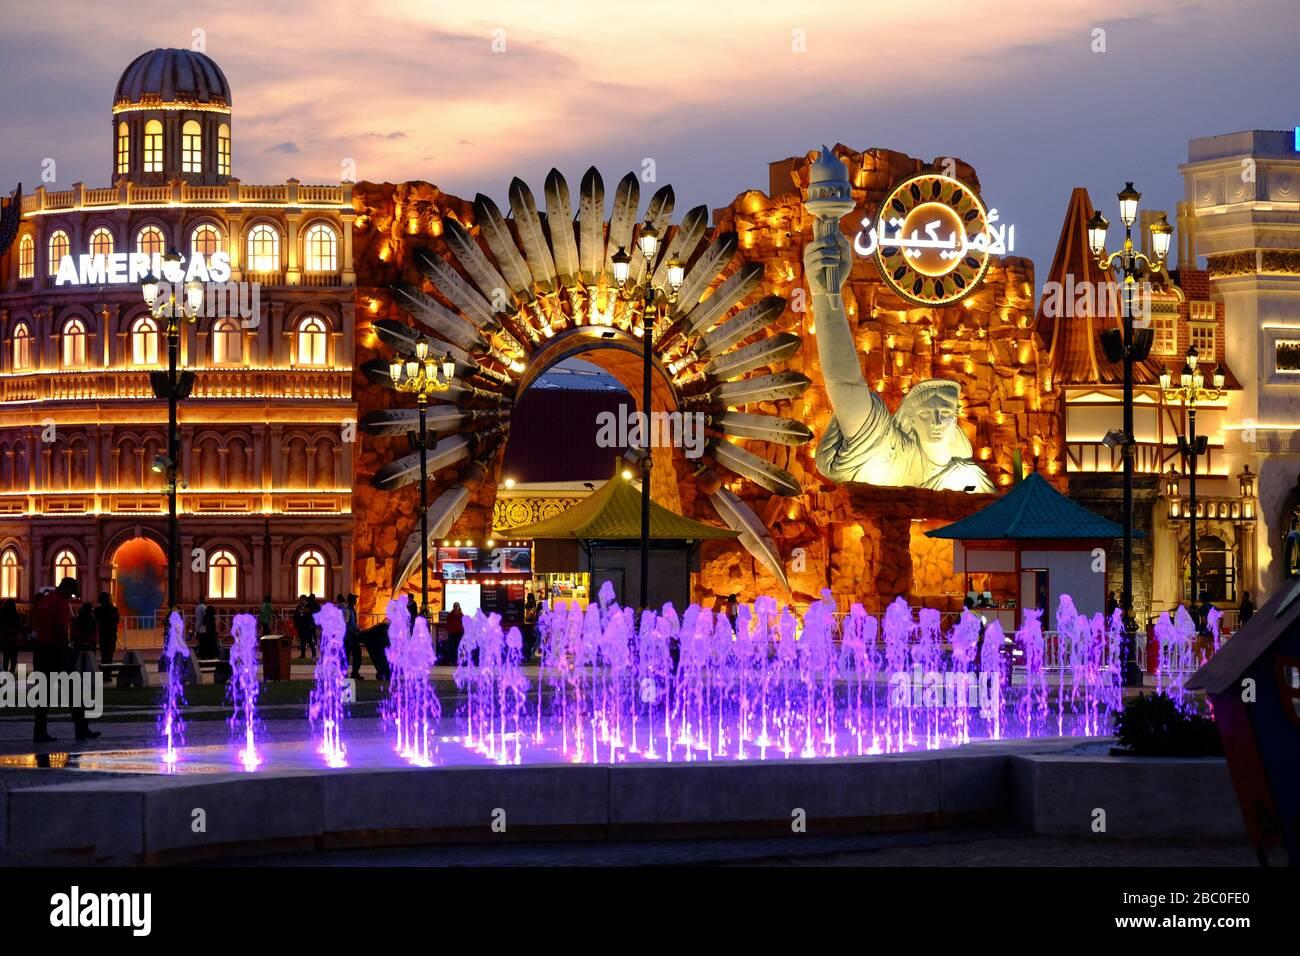 Prise de vue nocturne de la section Amériques dans Global Village, Dubaï, Émirats arabes Unis. Global Village combine des cultures de 90 pays à travers le monde. Banque D'Images